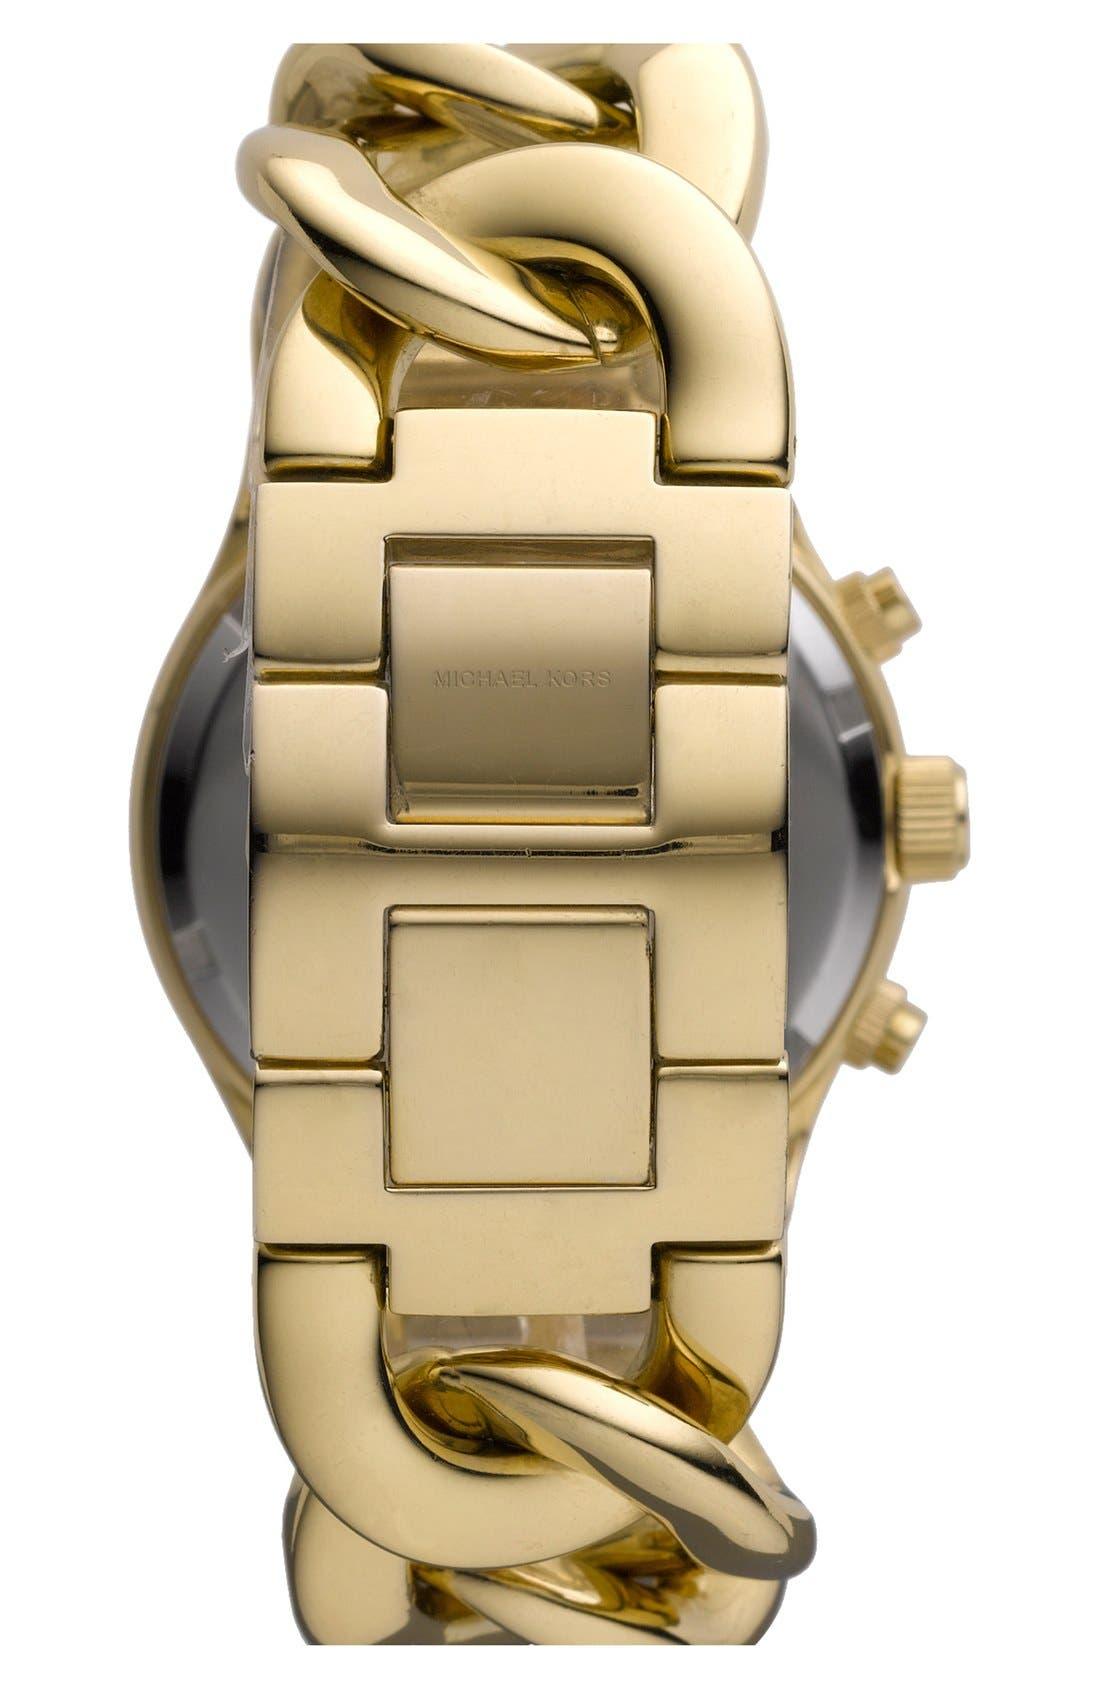 Michael Kors Chain Bracelet Chronograph Watch, 38mm,                             Alternate thumbnail 16, color,